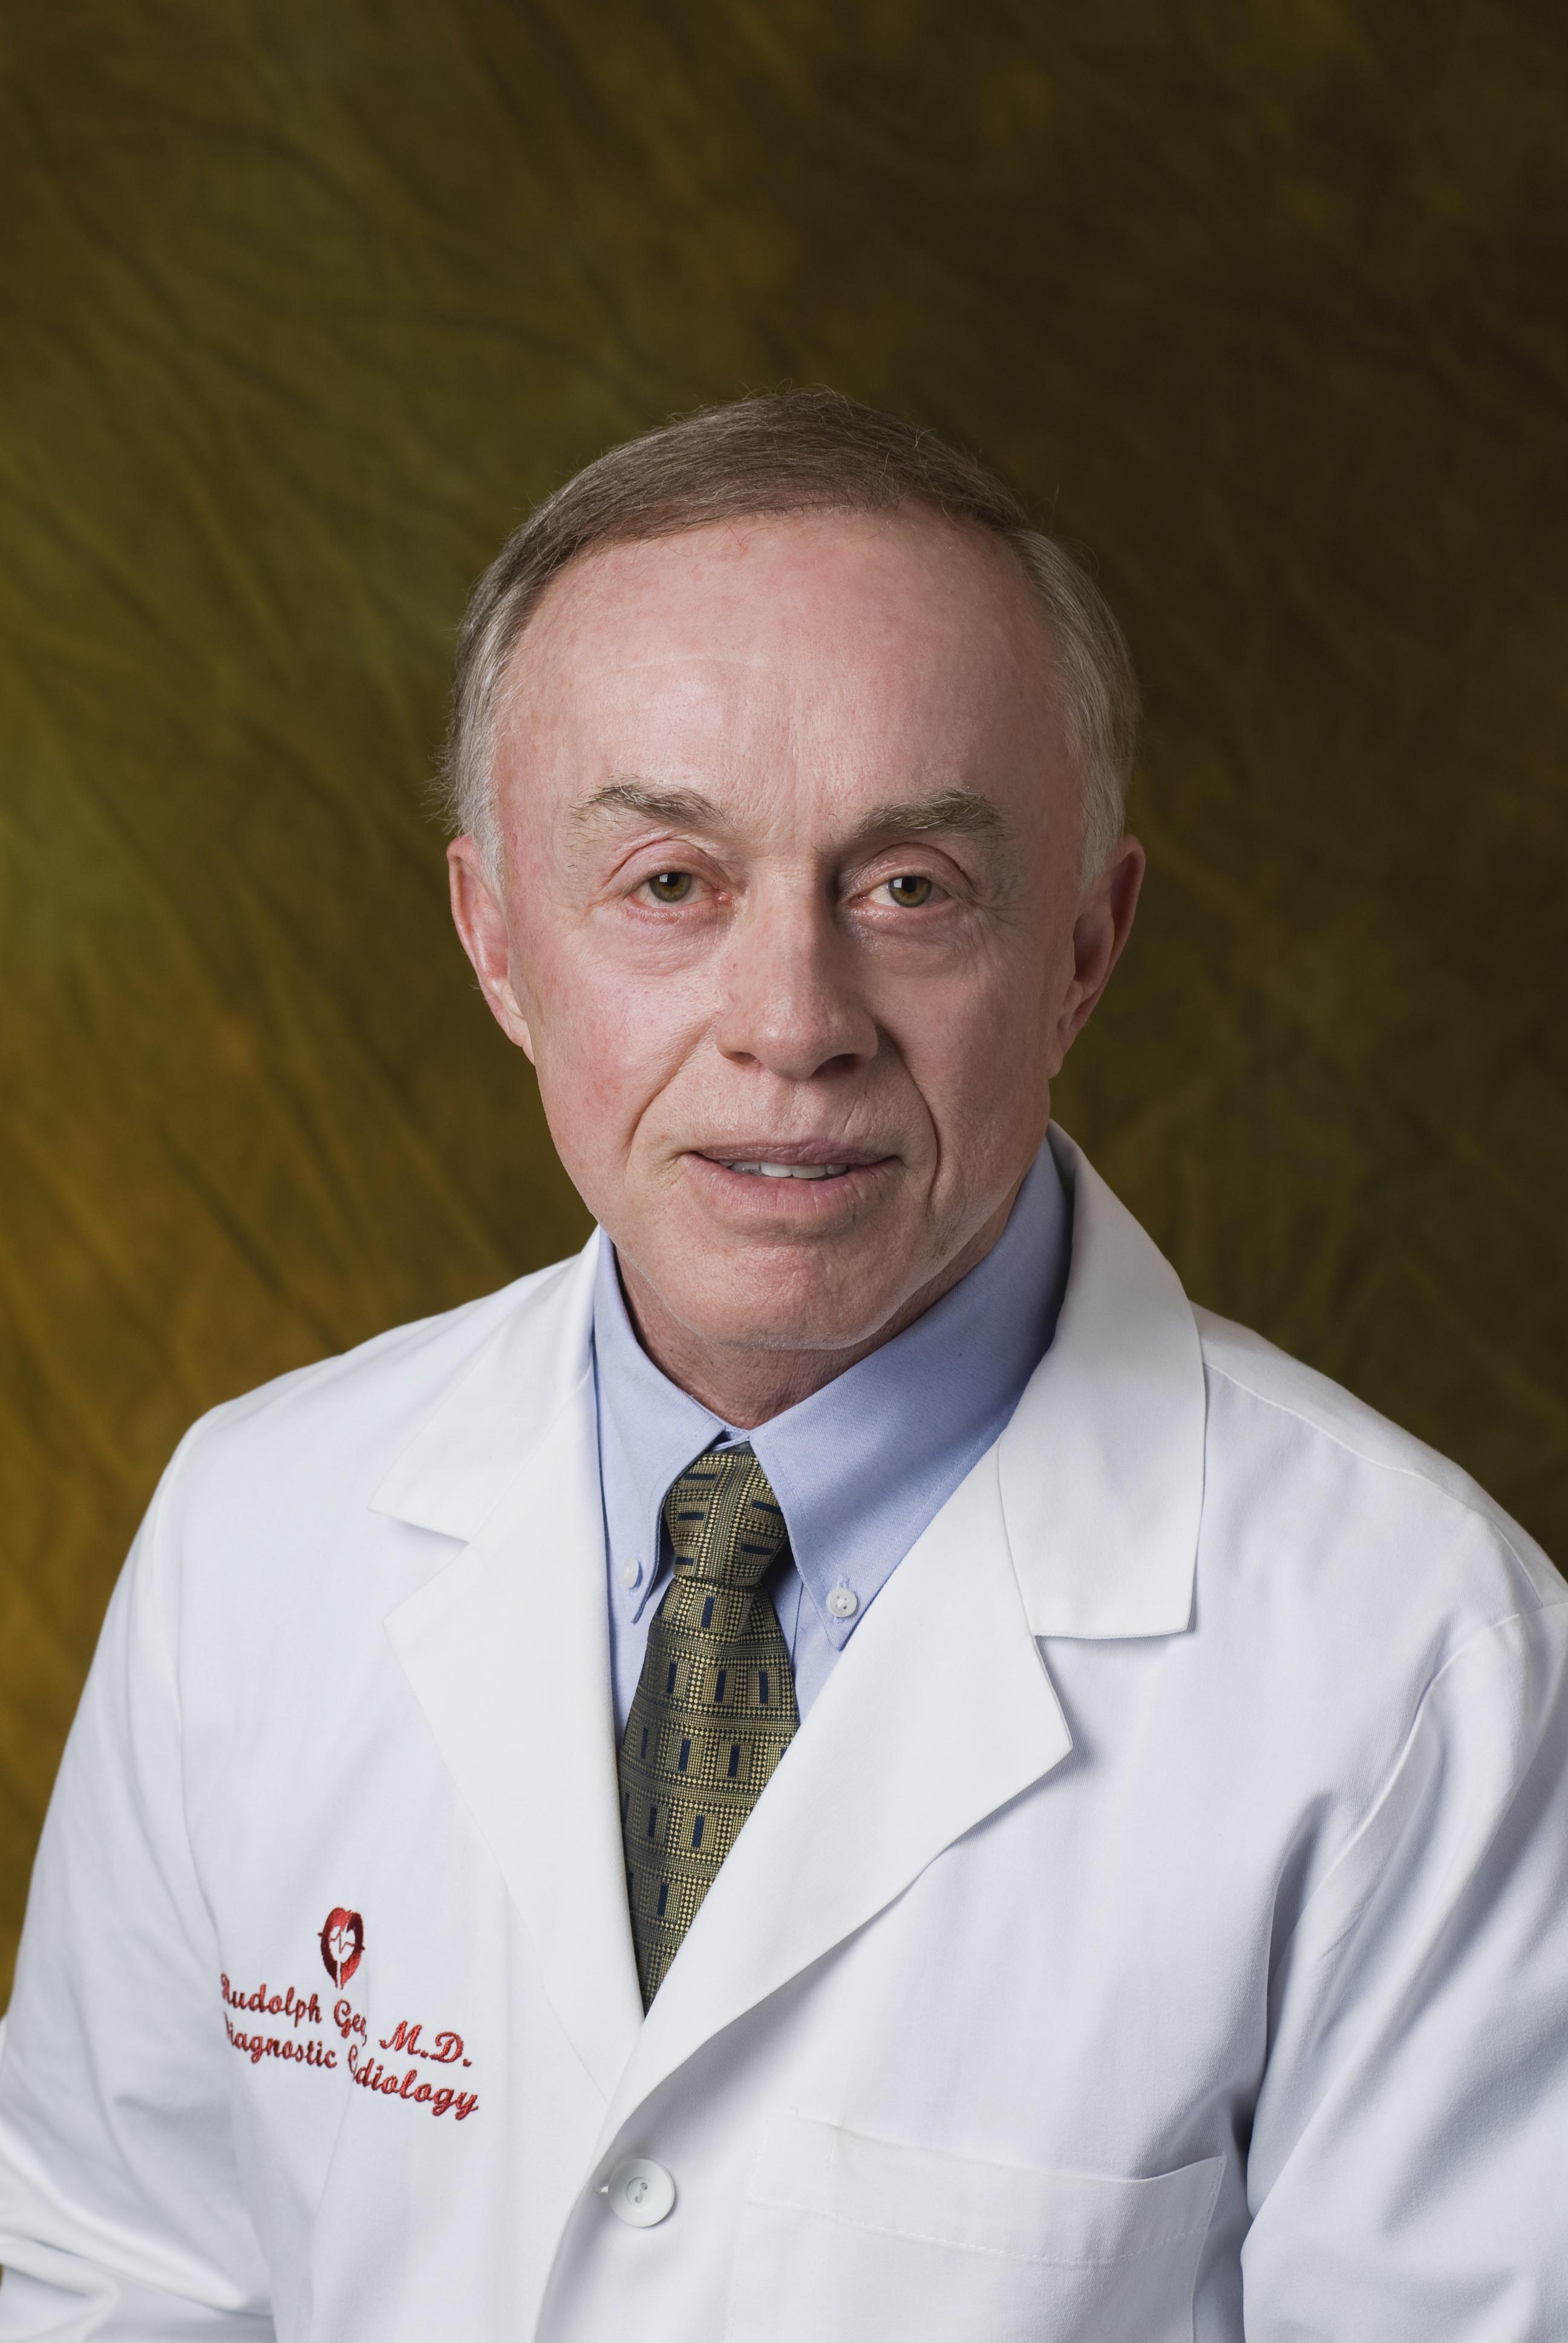 V. Rudolph Geer, MD